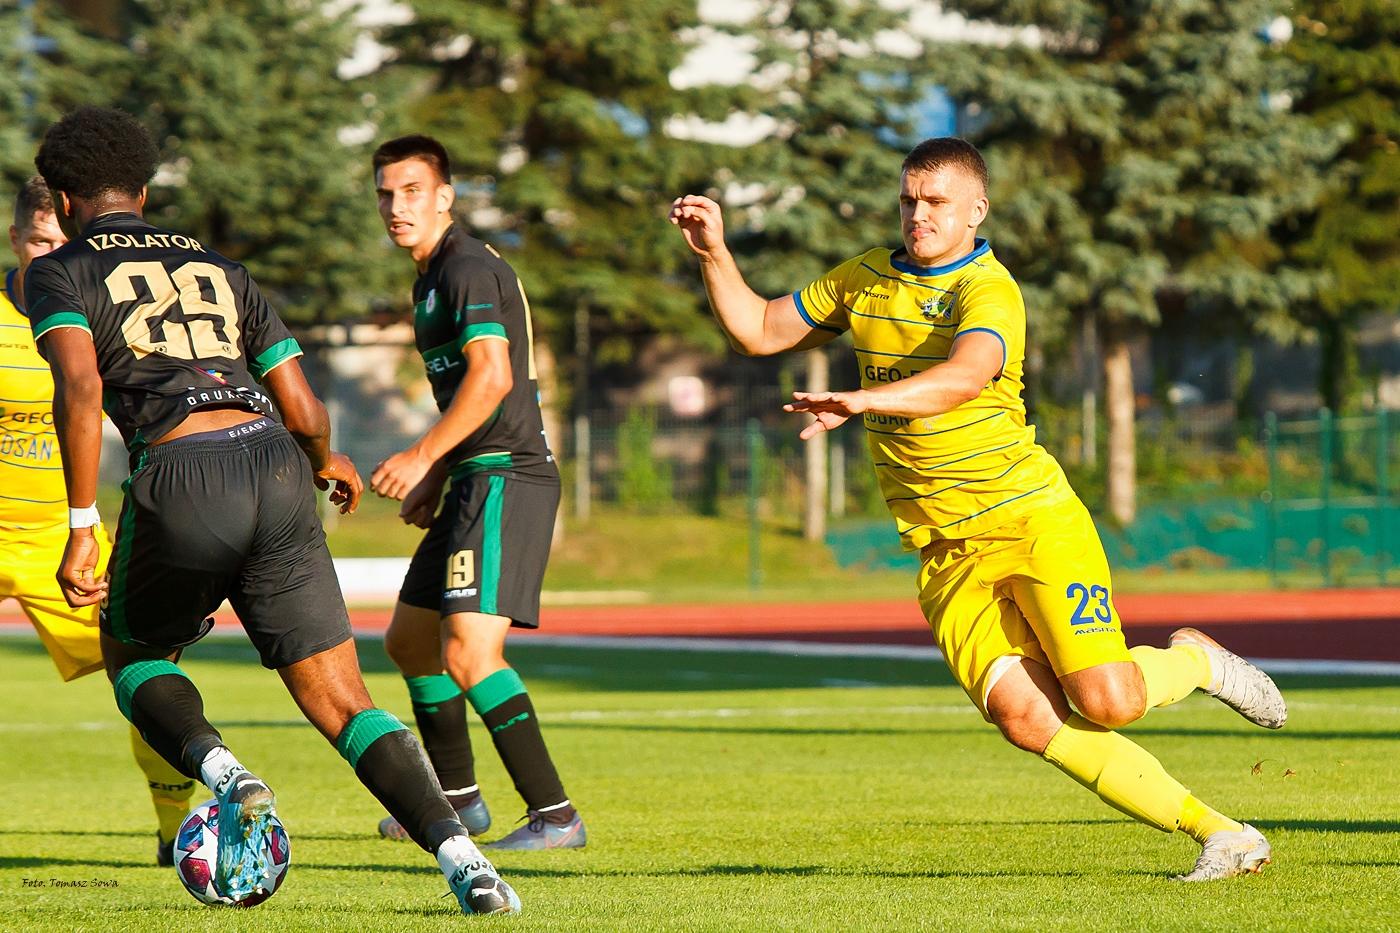 Ekoball Stal Sanok przegrywa w IV lidze z Izolatorem Boguchwała [FOTORELACJA] - Zdjęcie główne